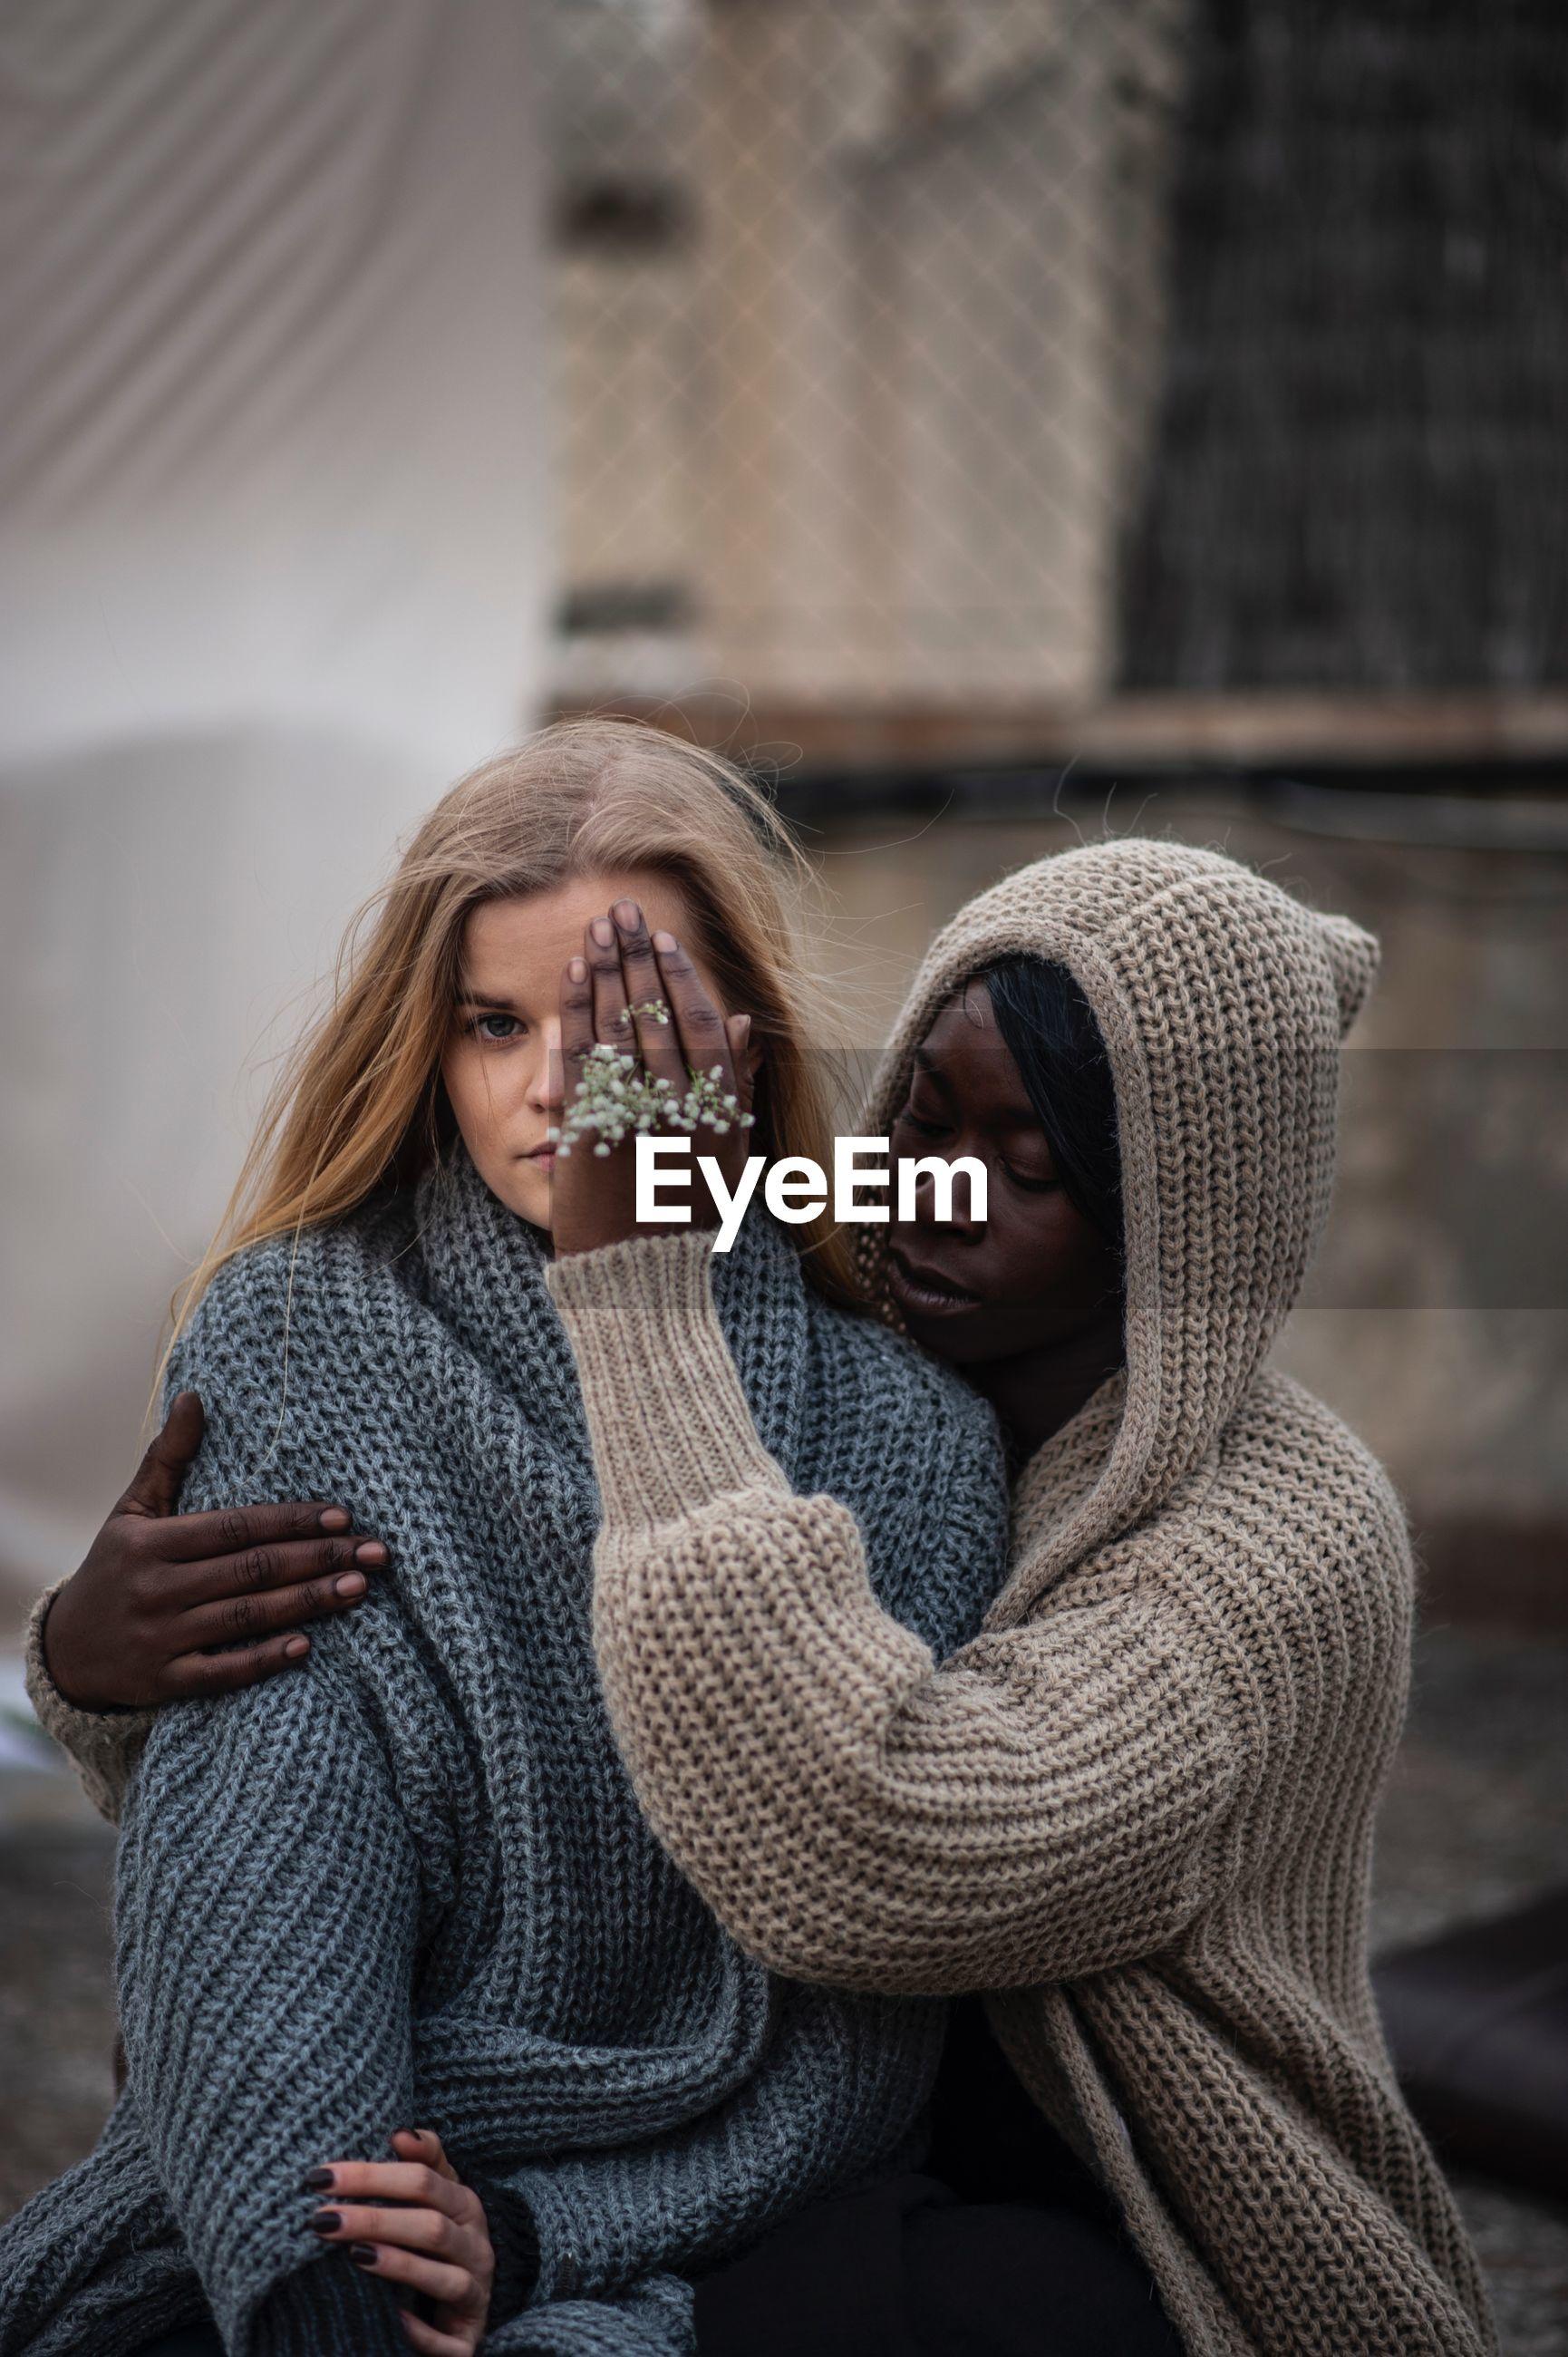 Woman covering friend eye in city